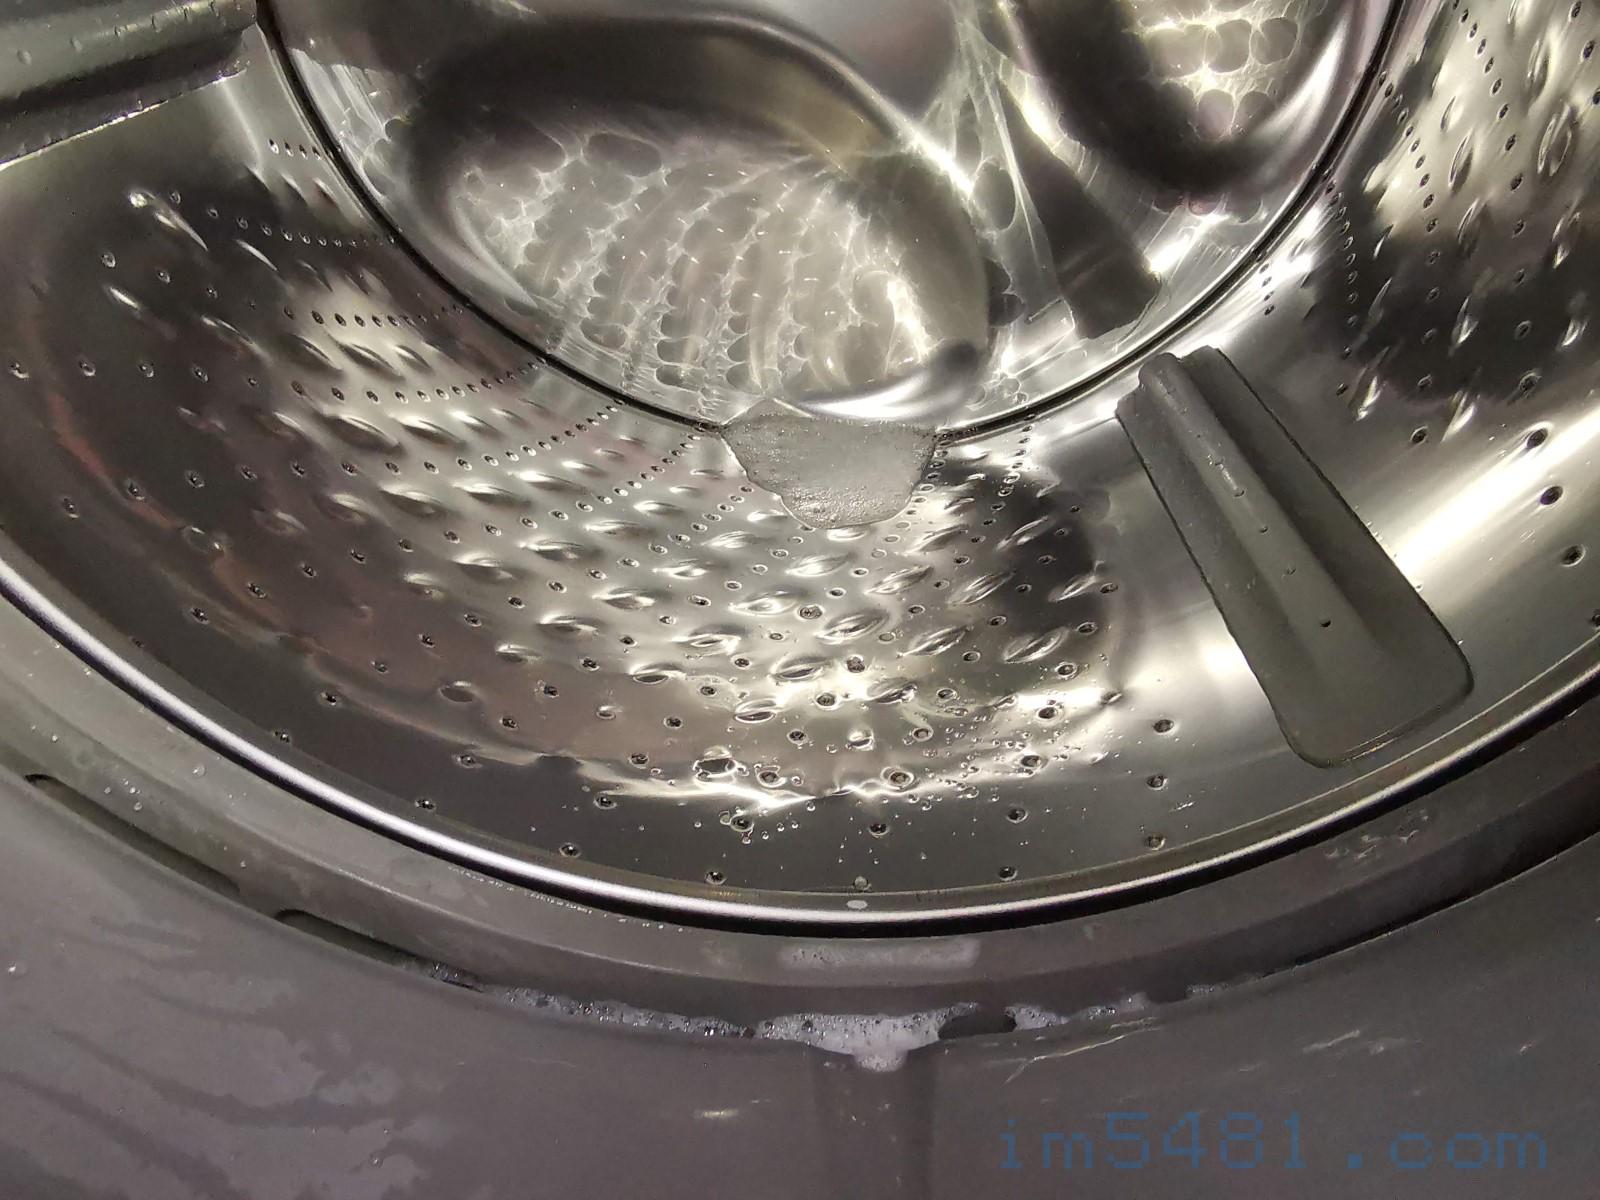 槽洗淨後,明顯有殘留,所以為了洗衣機好,我又讓他執行一次槽洗淨,把殘留清潔劑沖掉。